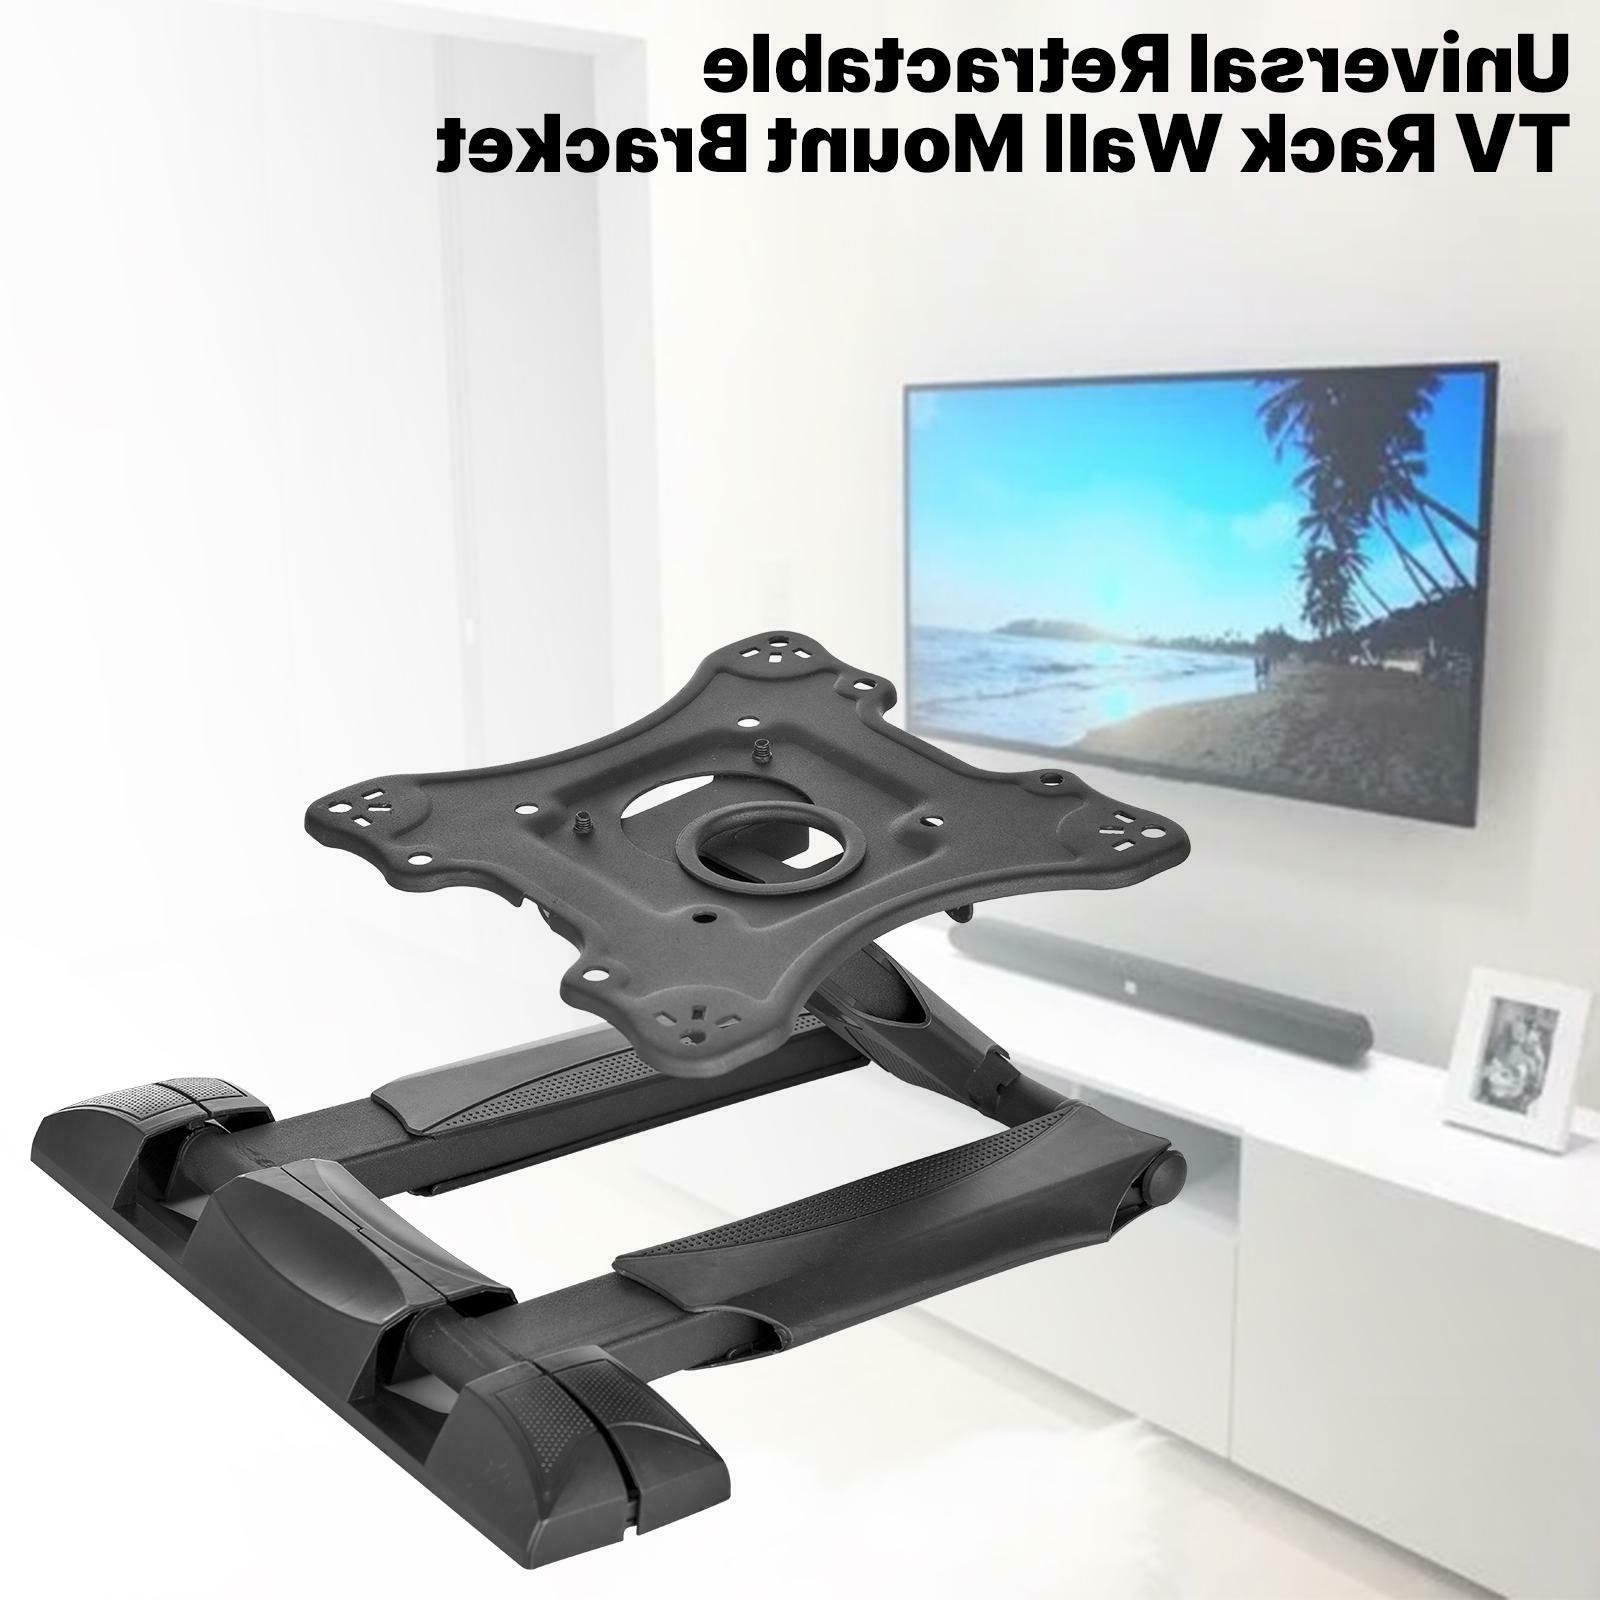 Full Motion TV Rack TV Stand Swivel Tilt 32-55inch